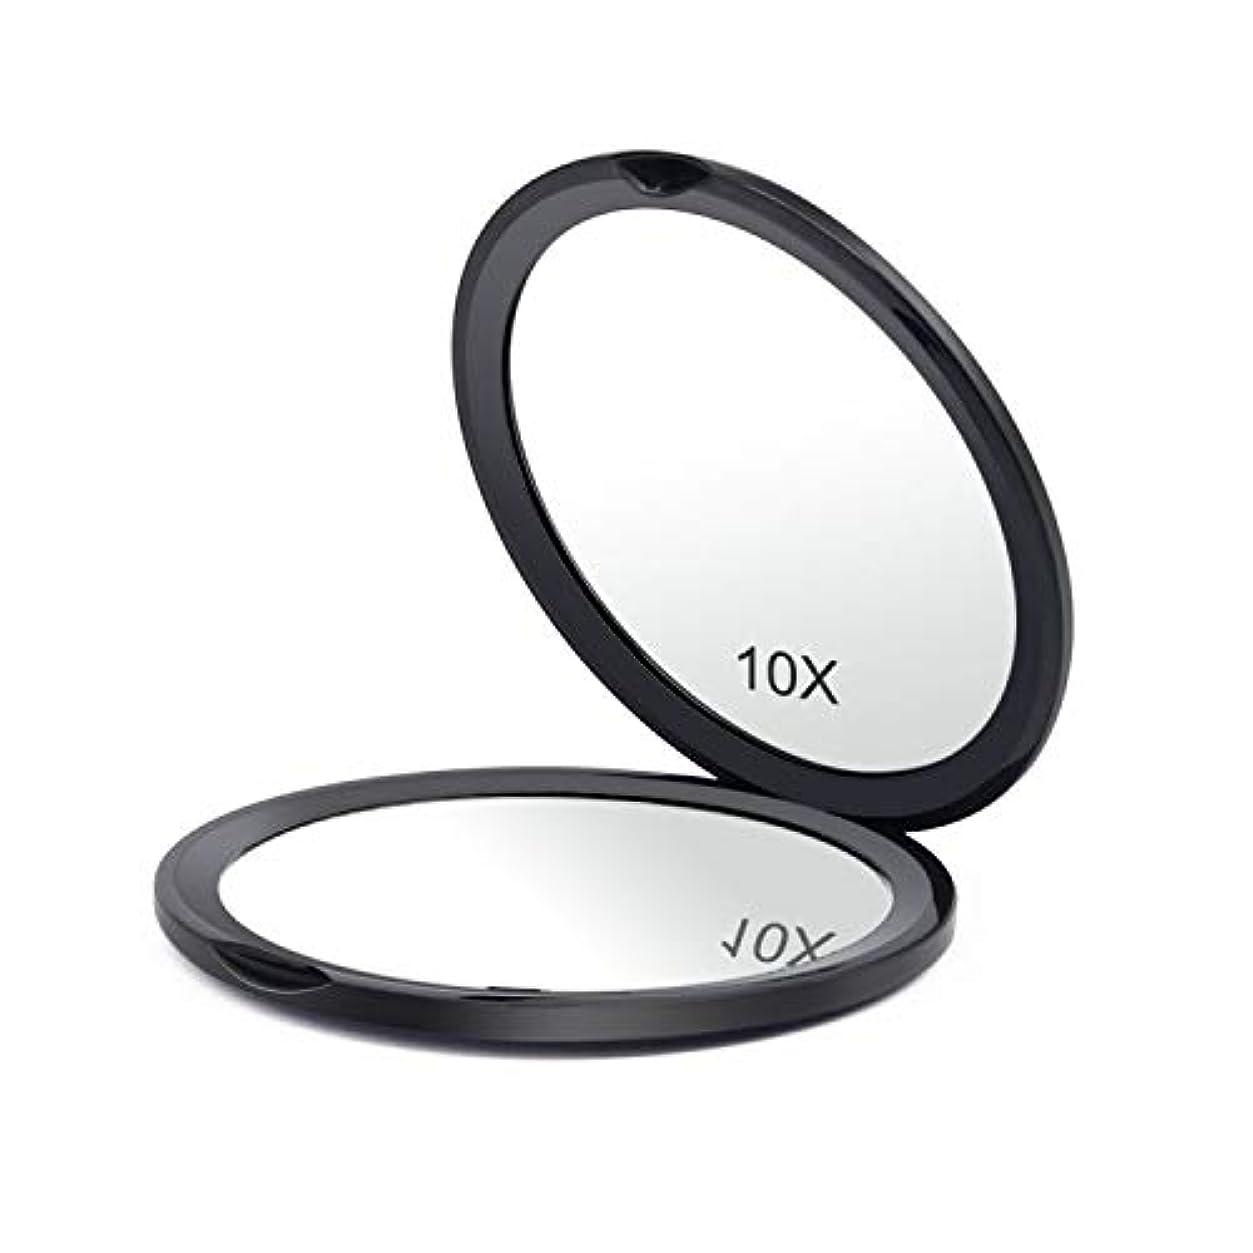 ソビエトティーム思い出させる手鏡 化粧鏡 HAMSWAN コンパクトミラー 軽量 10倍拡大鏡 丸型 10cm*1.3cm(ブラック)